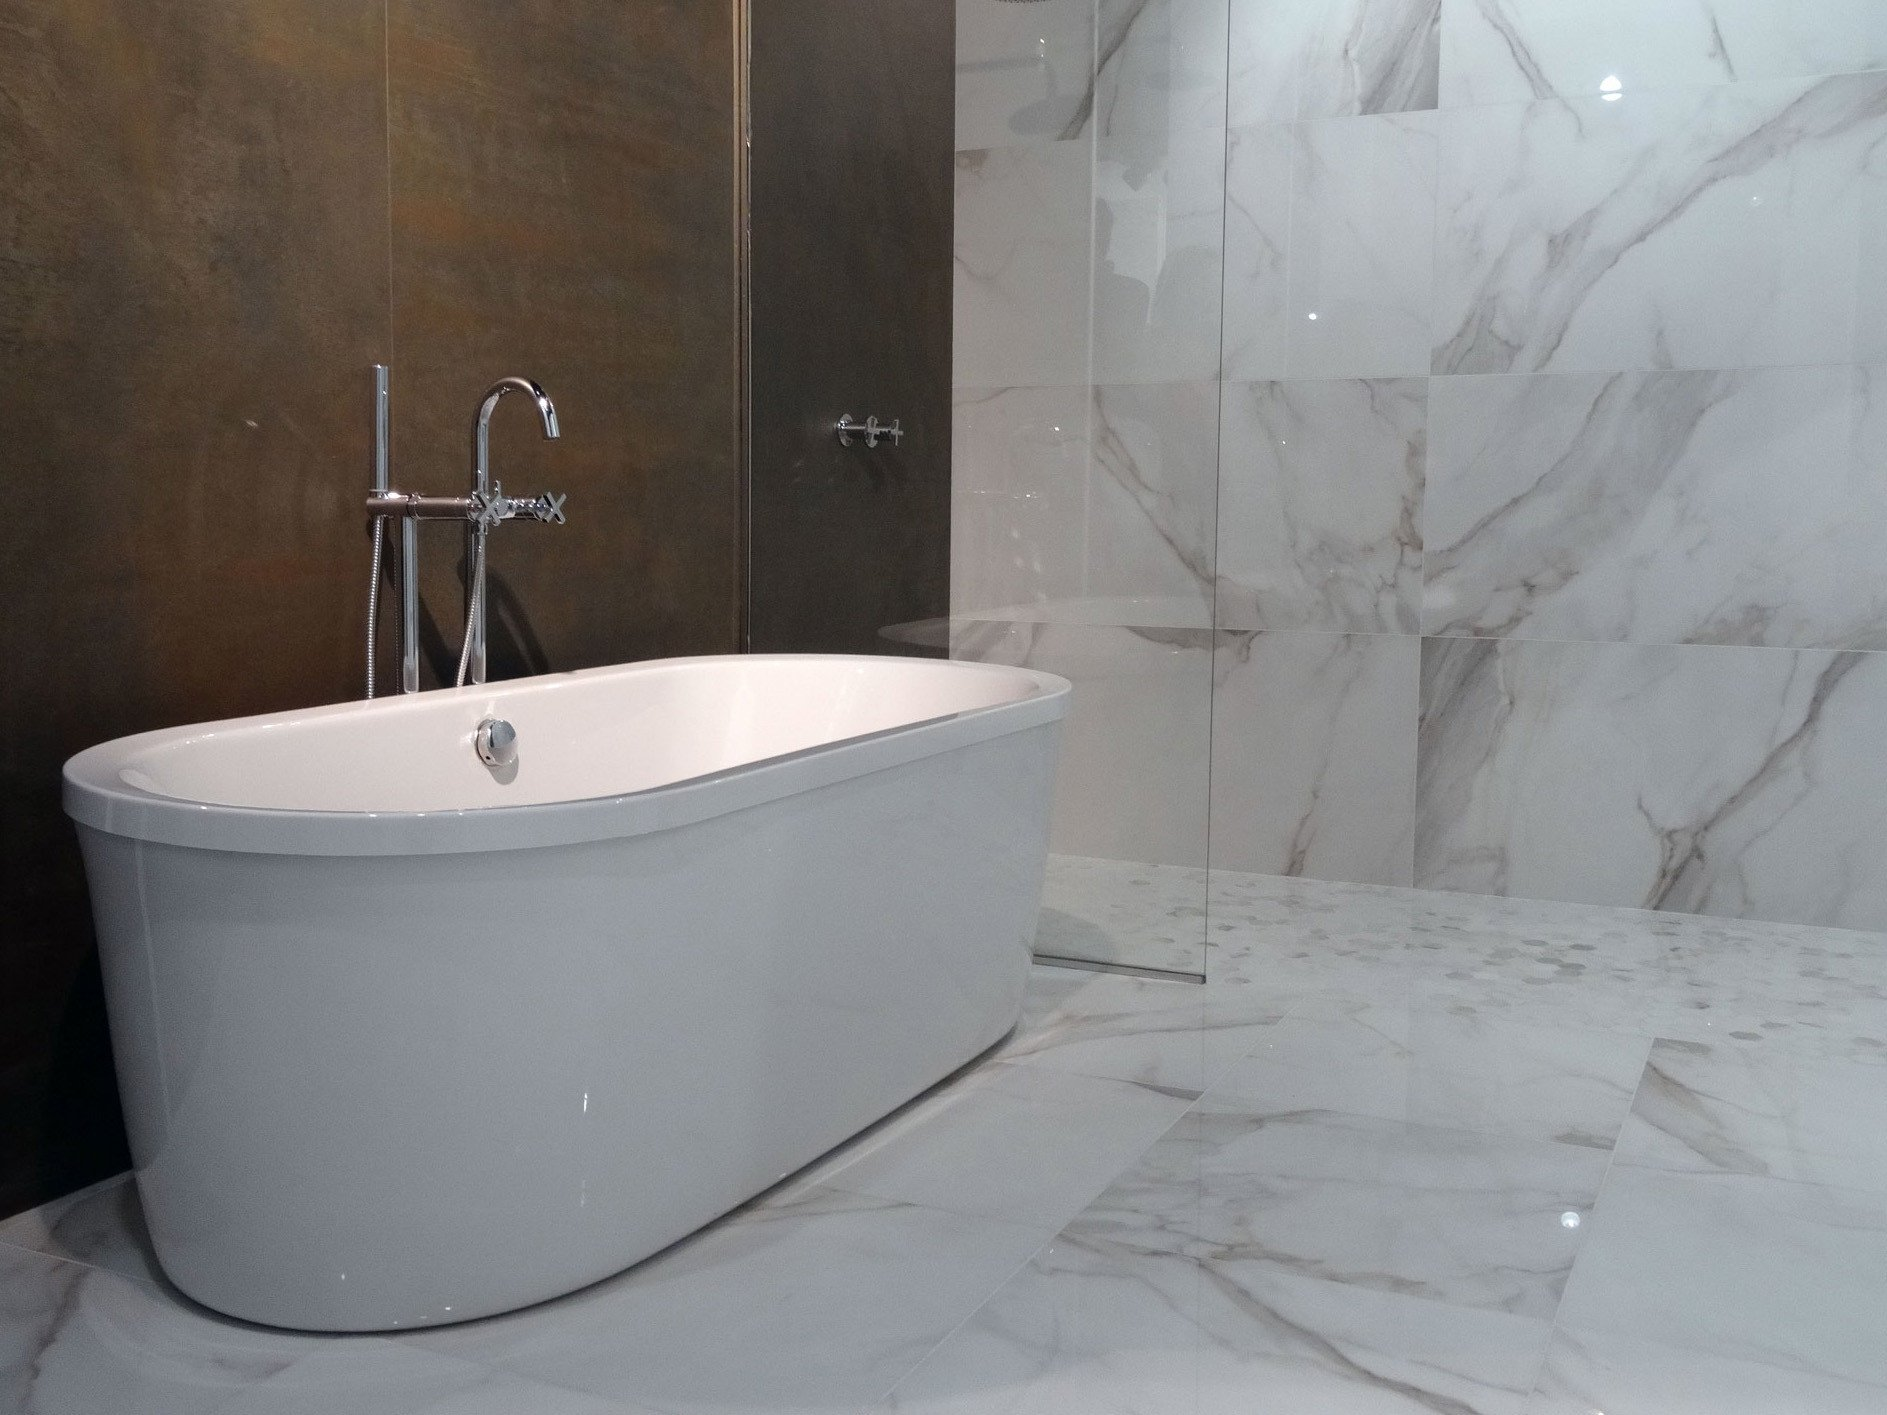 Elektroinstallation In Räumen Mit Badewanne Oder Dusche Elektro